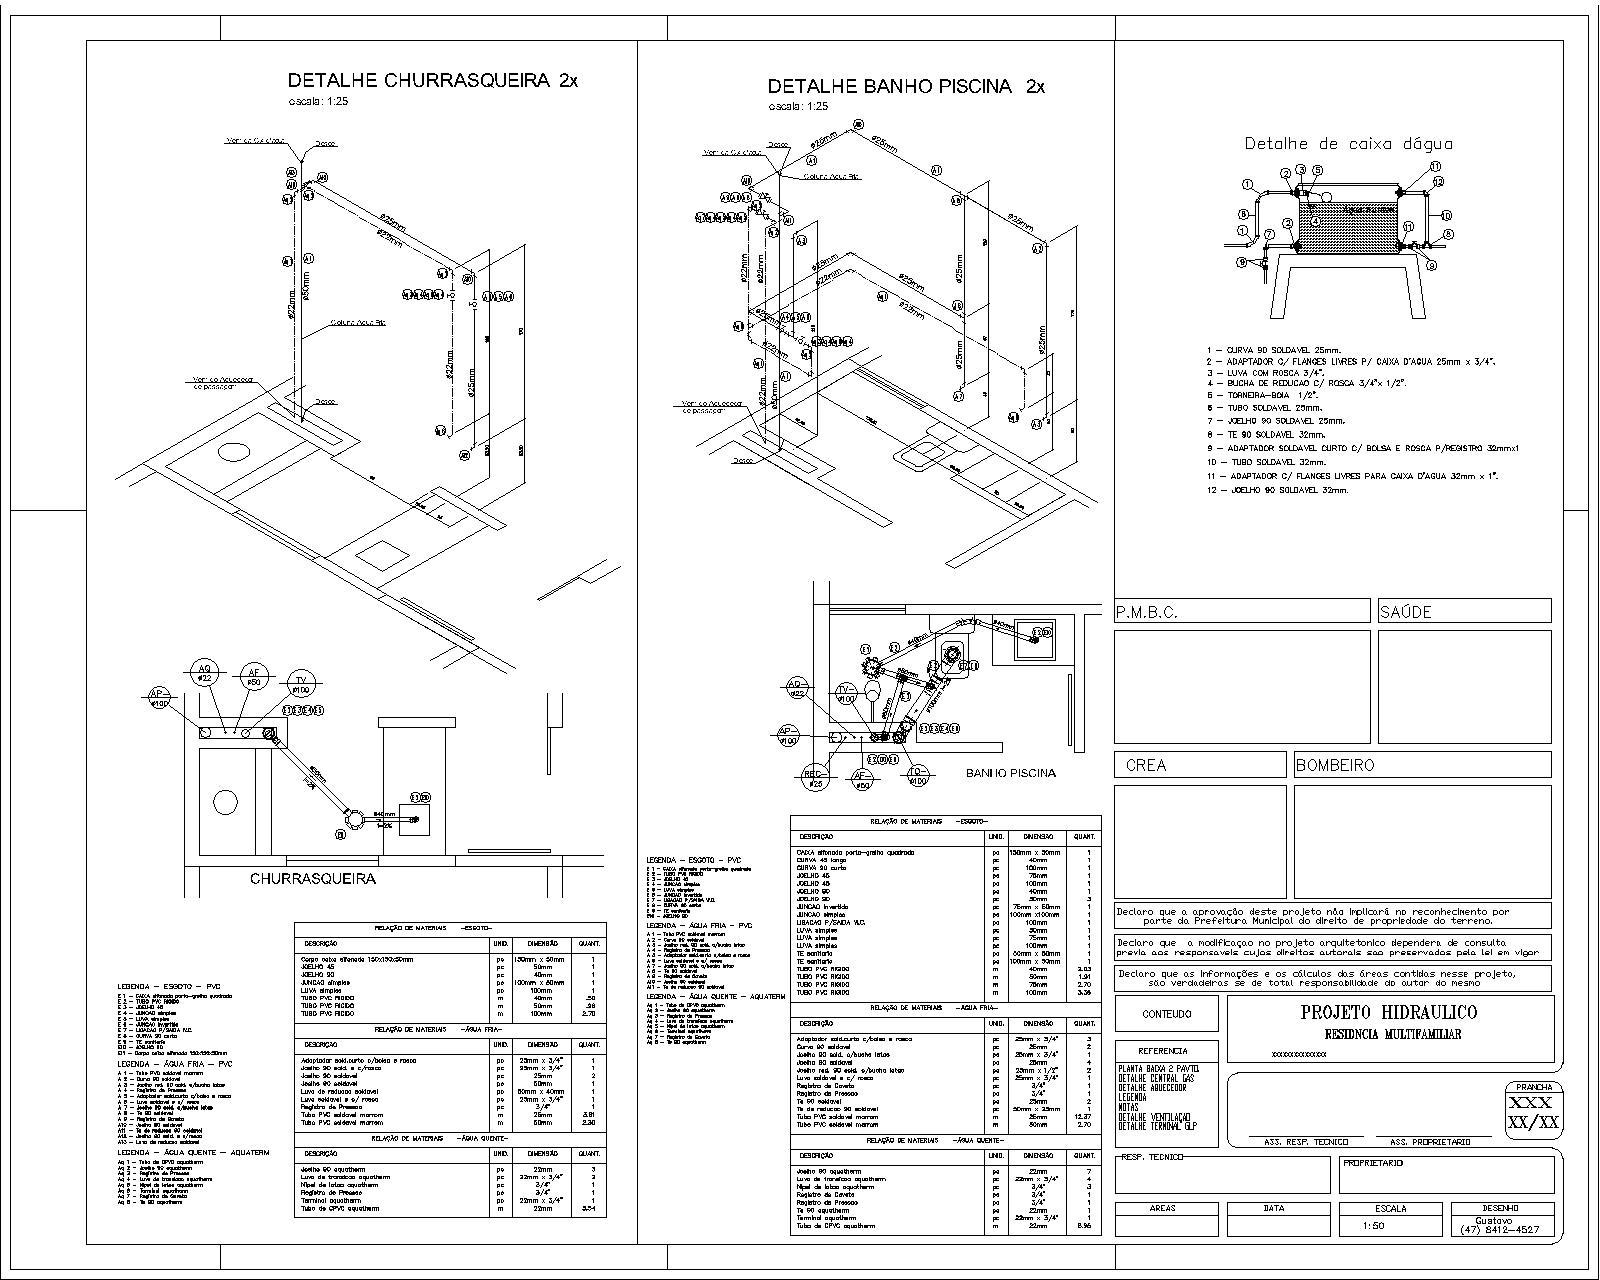 Geórgeo Projetos: Detalhamentos #3F3F3F 1600 1280